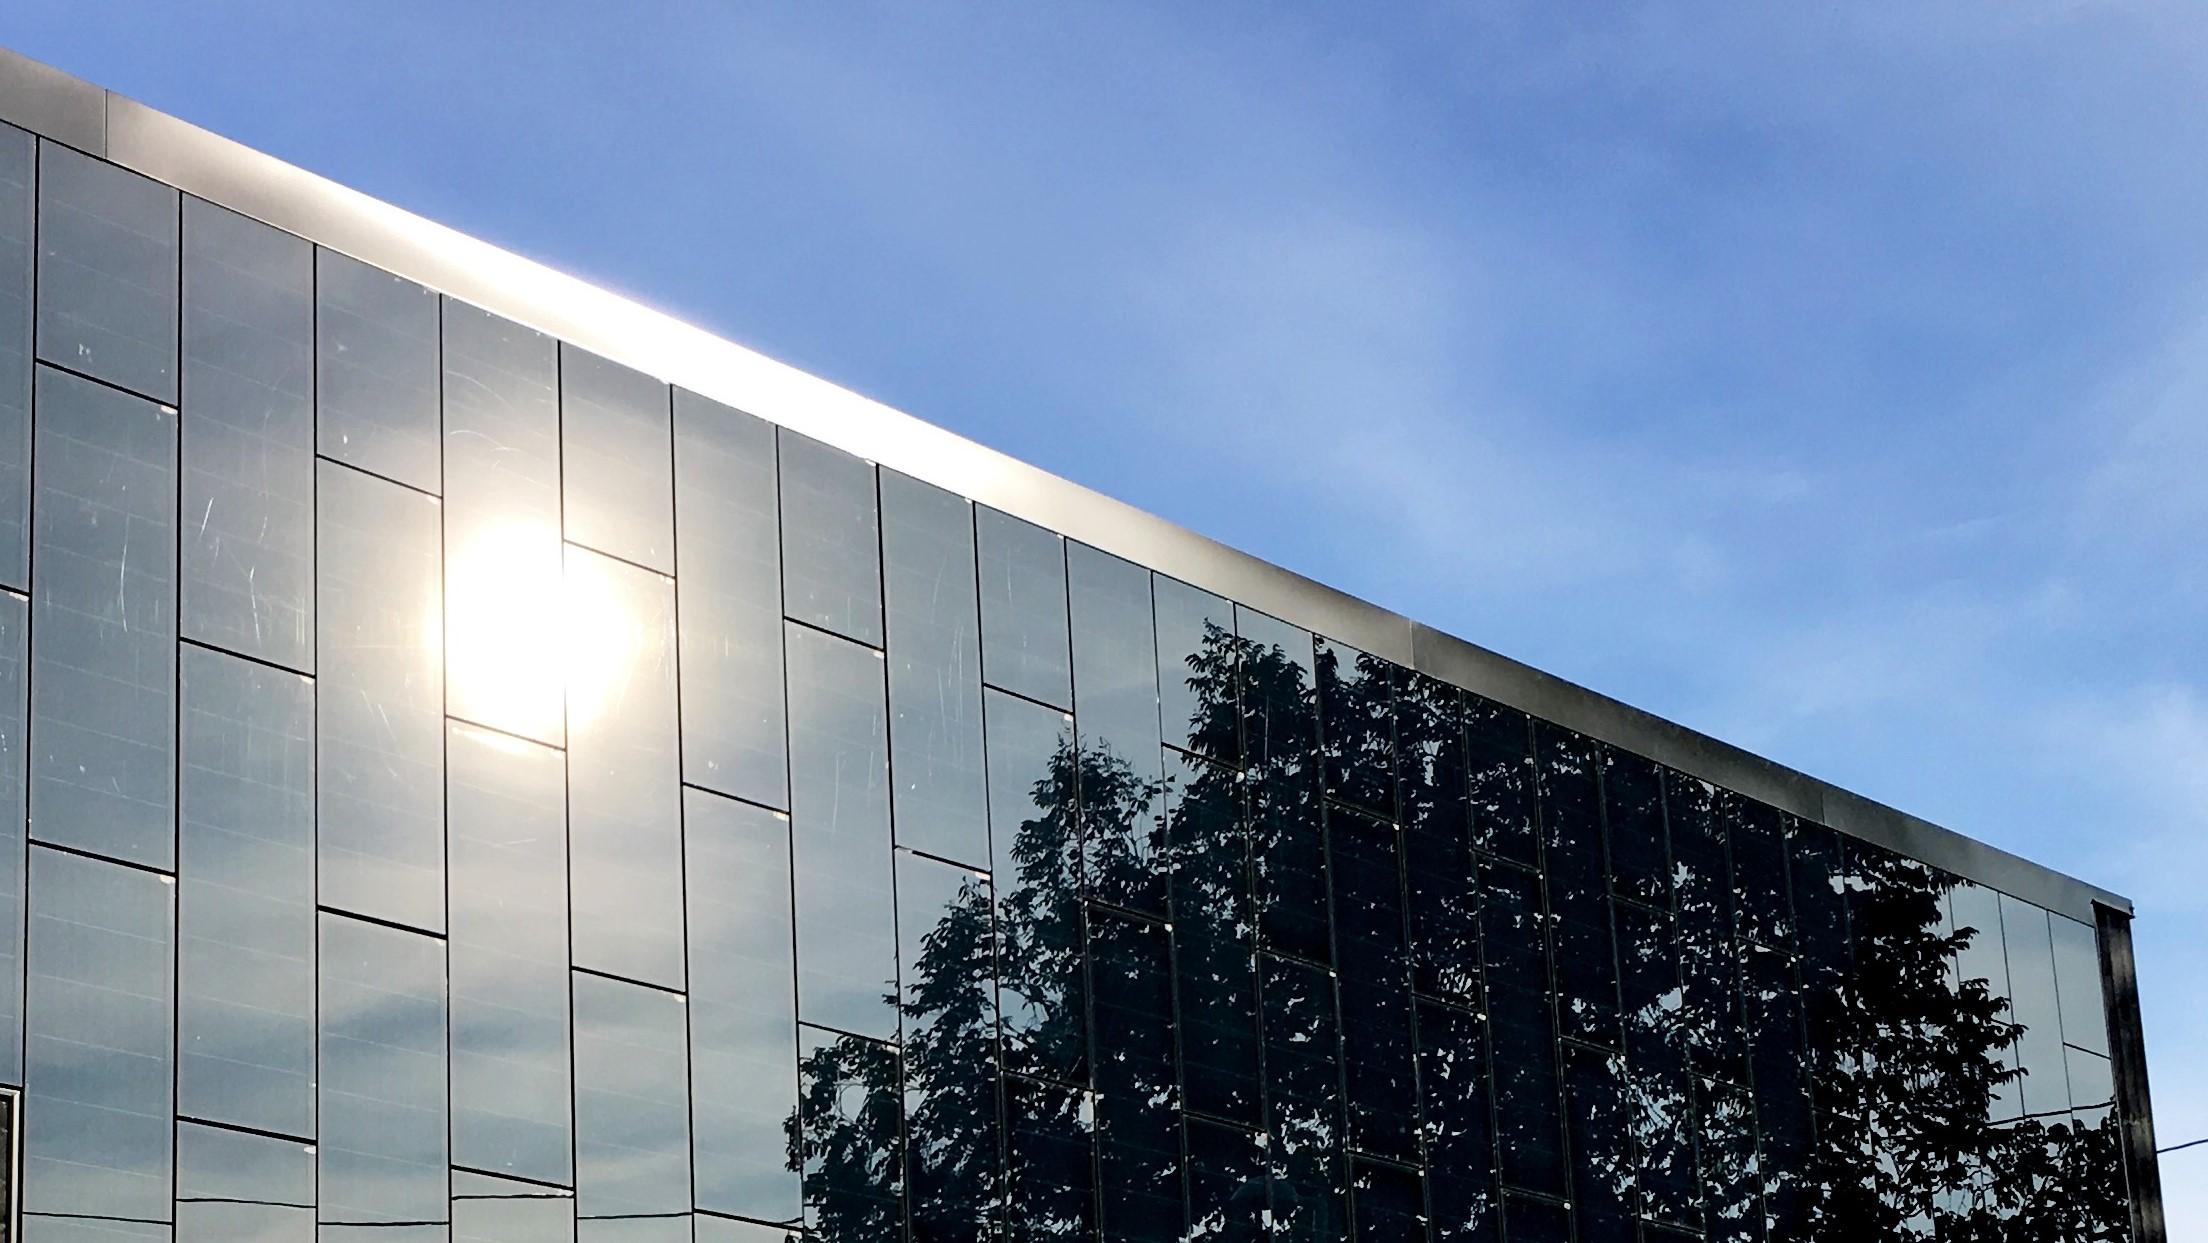 Bygningsintegrerte solcellepaneler - Hvordan redde verden på en vakker måte